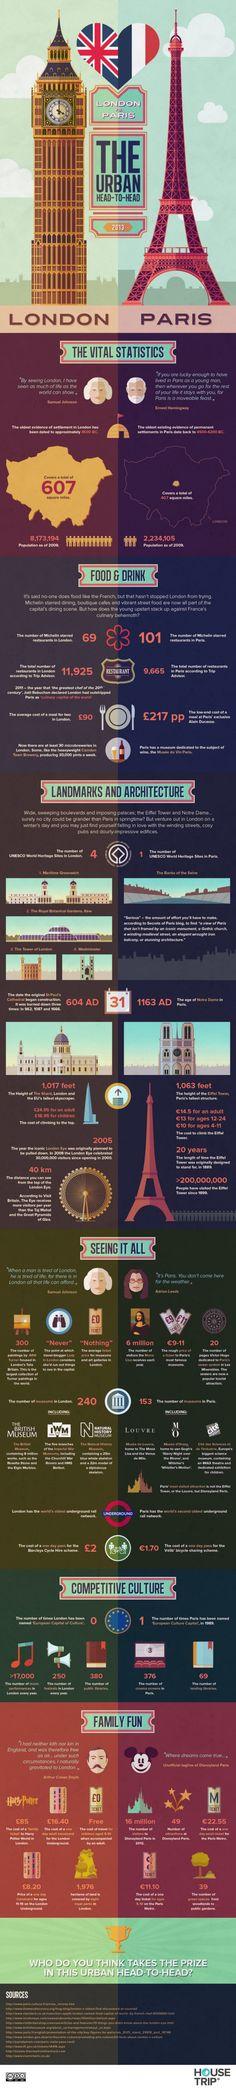 London vs Paris: The Urban Head-to-Head